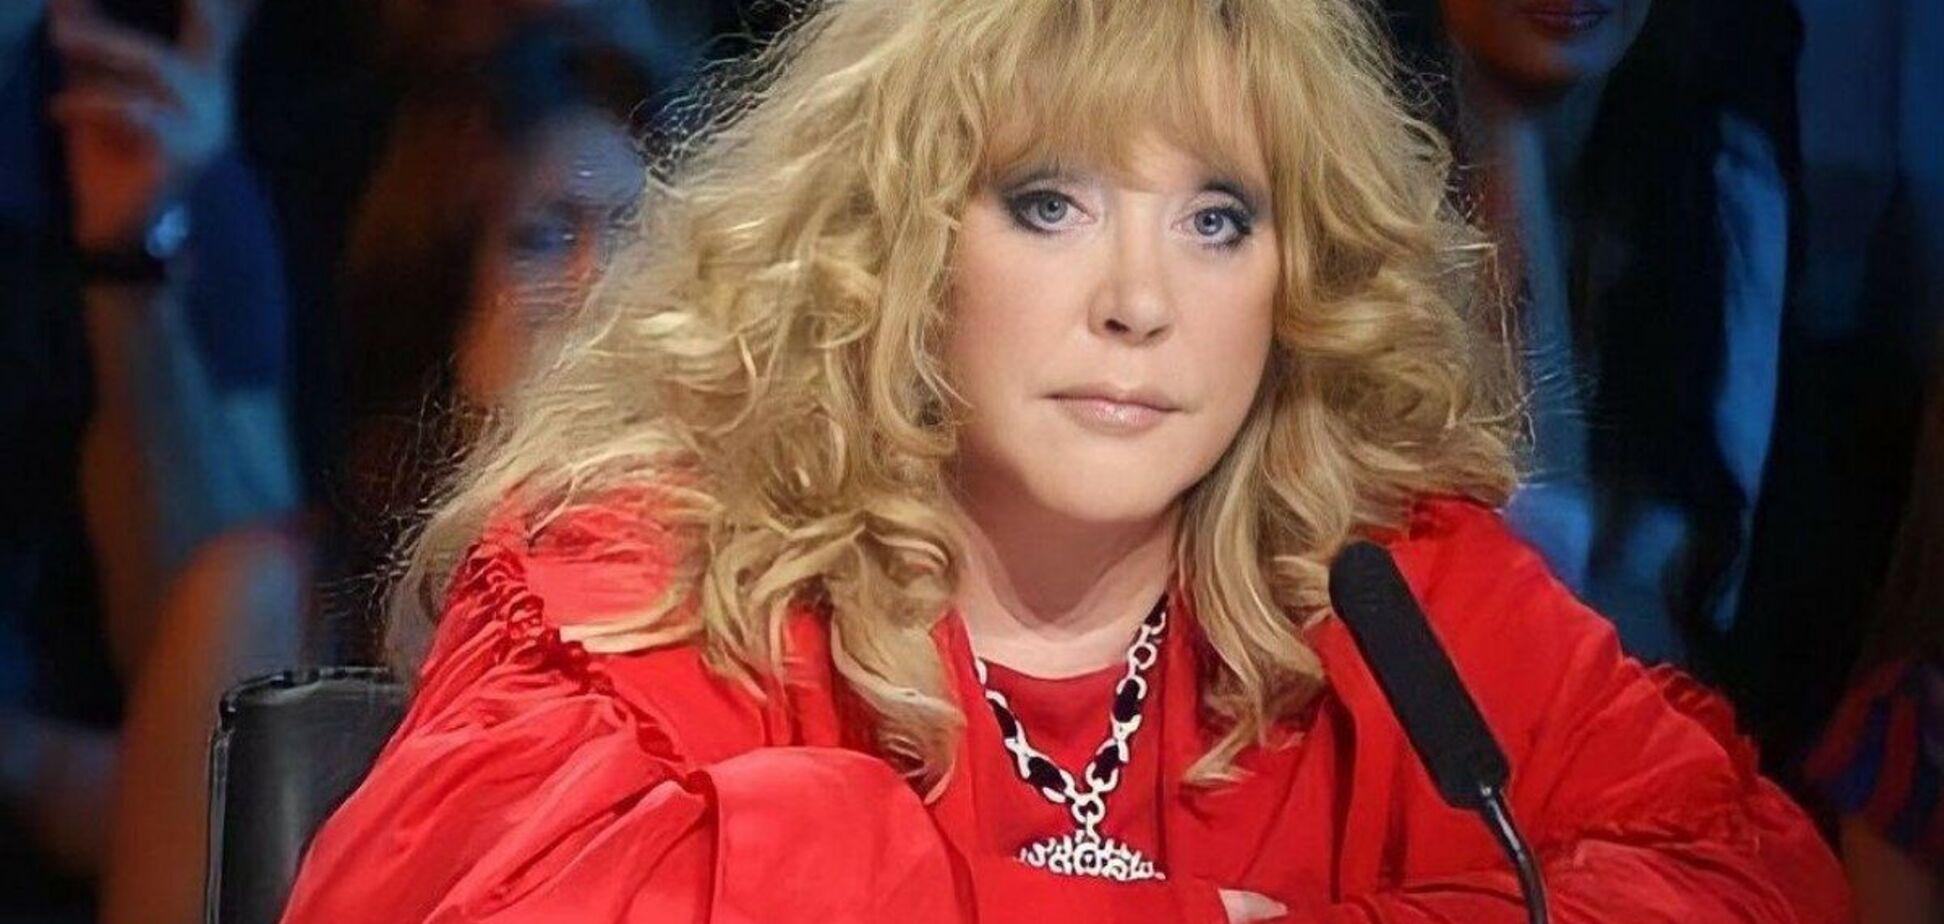 Юлія Проскурякова виклала фото Пугачової